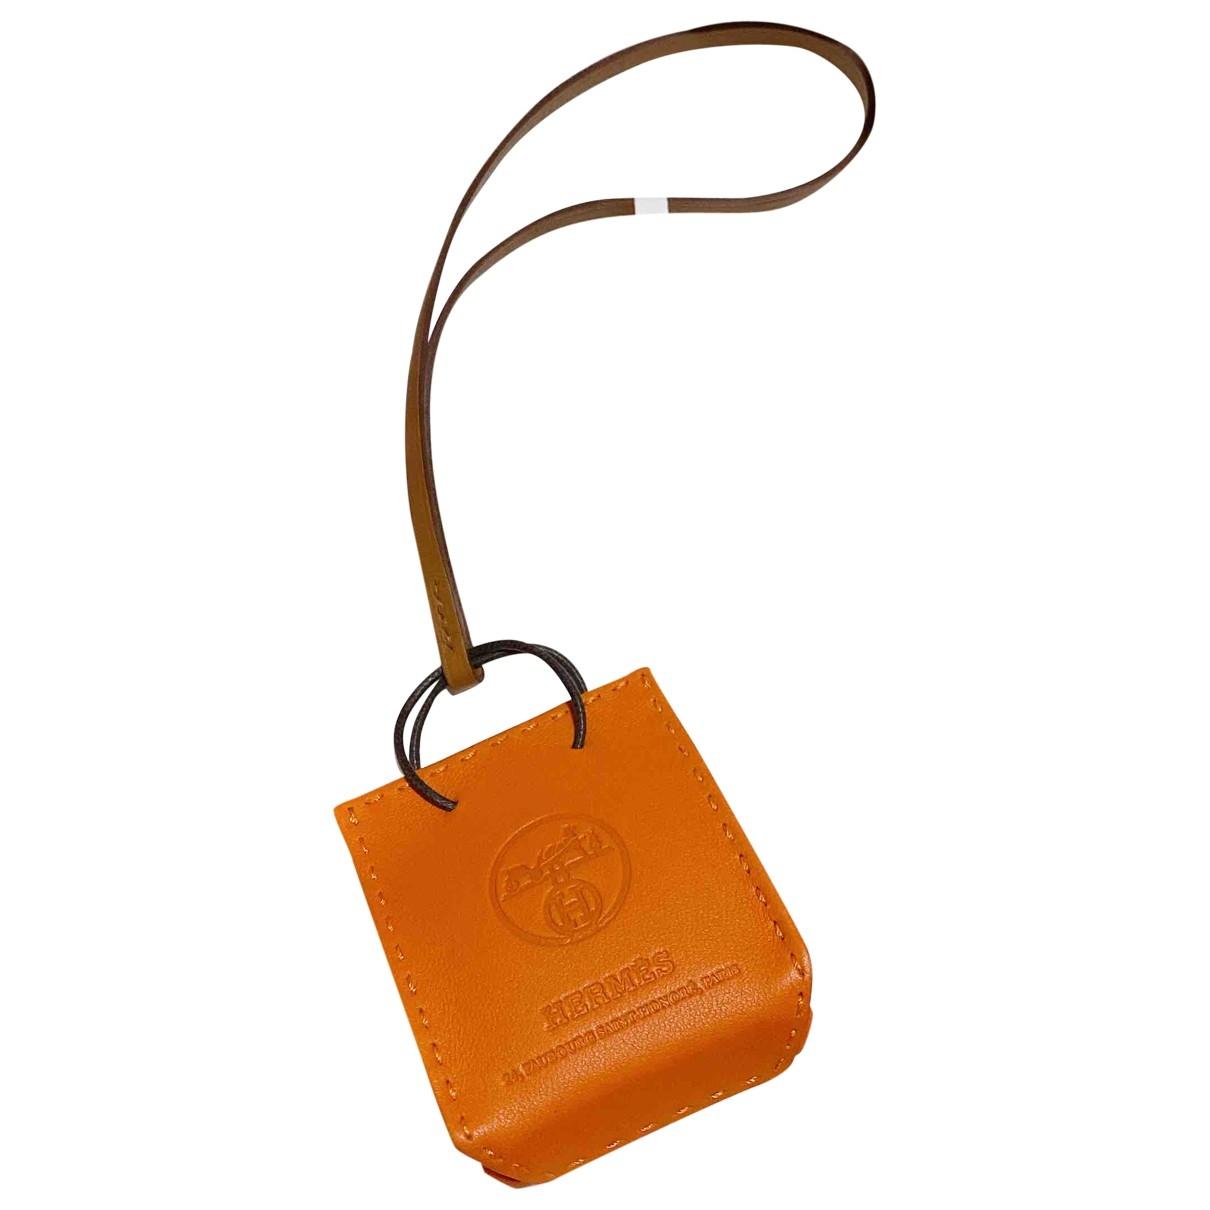 Hermes - Bijoux de sac Shopping bag charm pour femme en cuir - orange